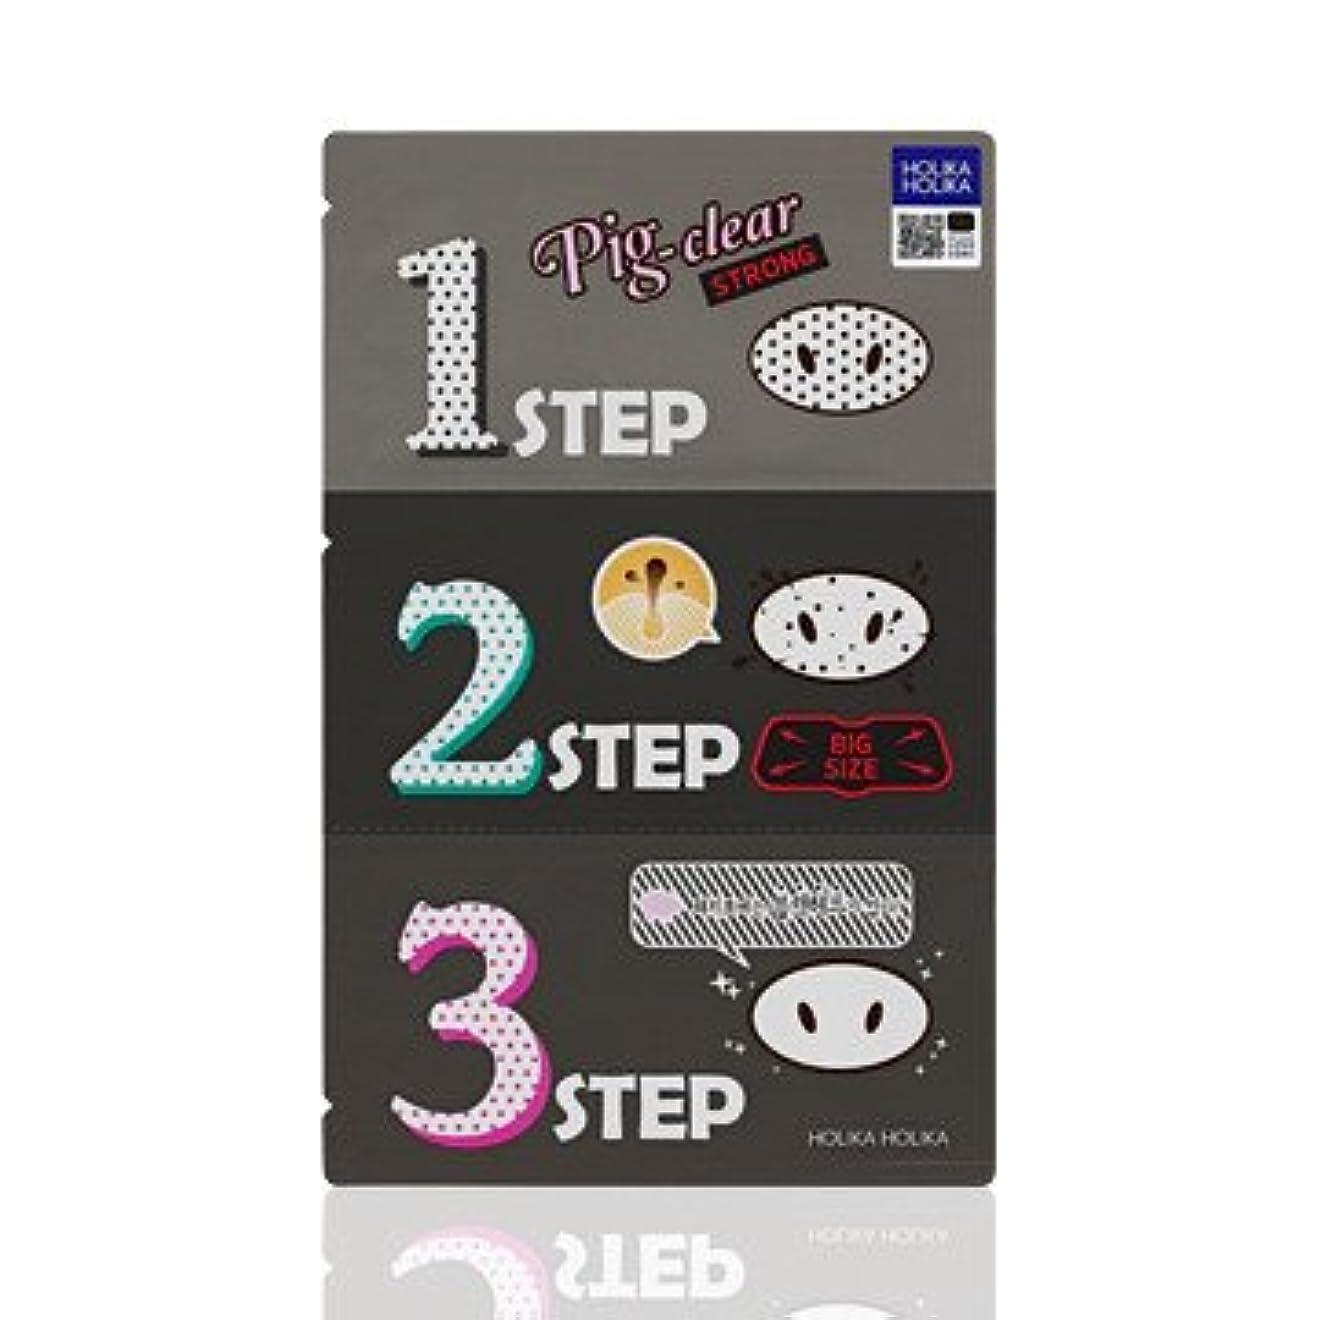 精通した第メルボルンHolika Holika Pig Nose Clear Black Head 3-Step Kit 3EA